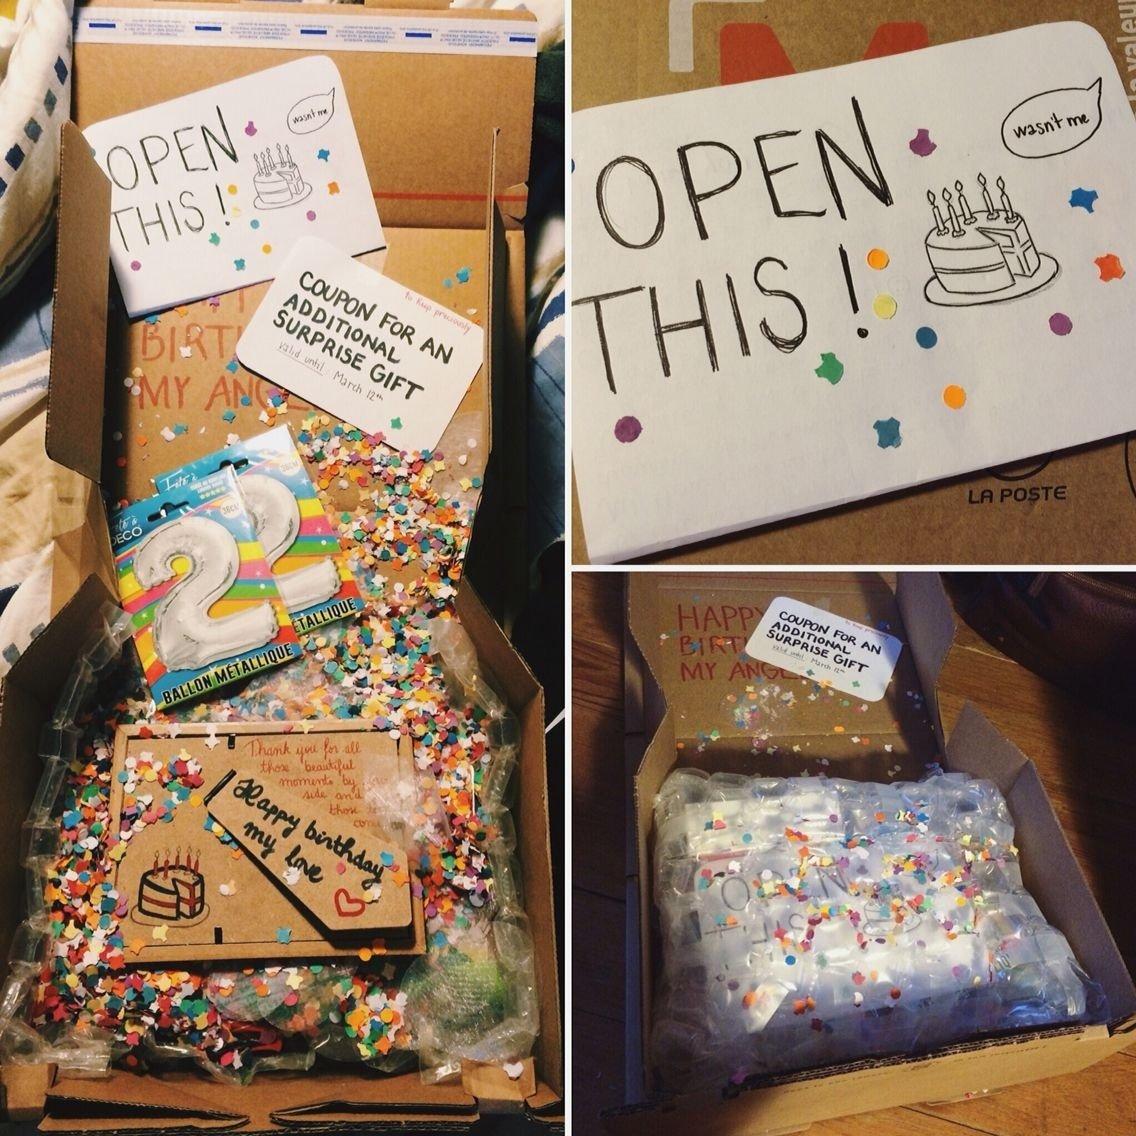 10 Stylish Surprise Birthday Ideas For Boyfriend surprise birthday package for my ldr boyfriend pinteres 3 2020